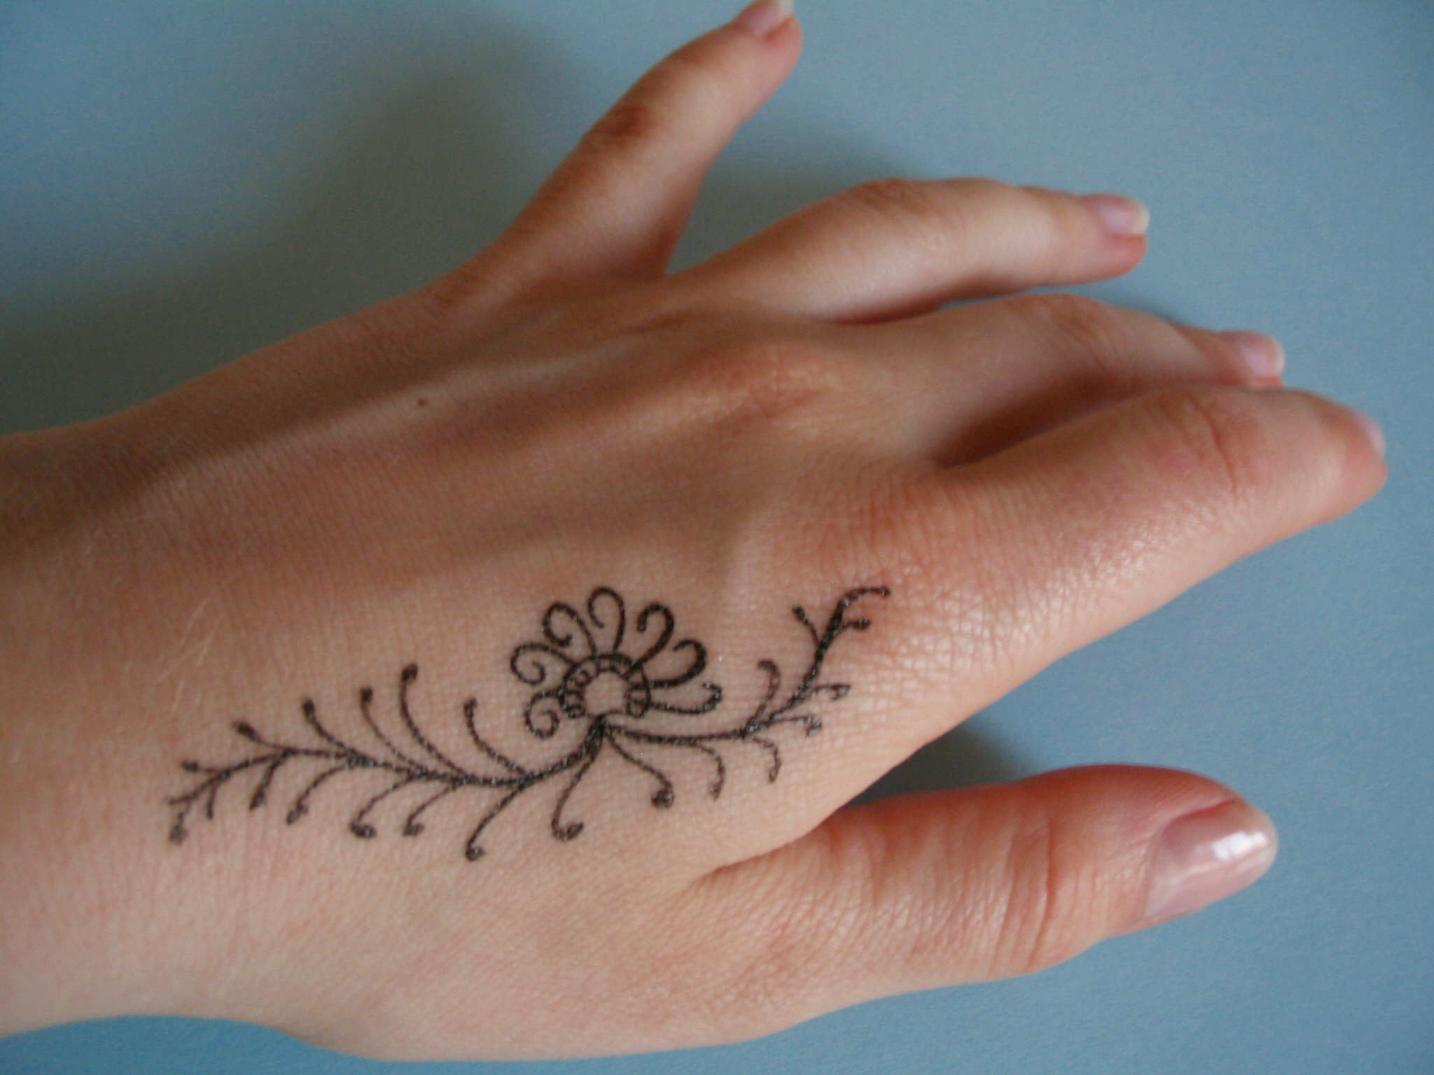 tatuaz_4487ec1a08227